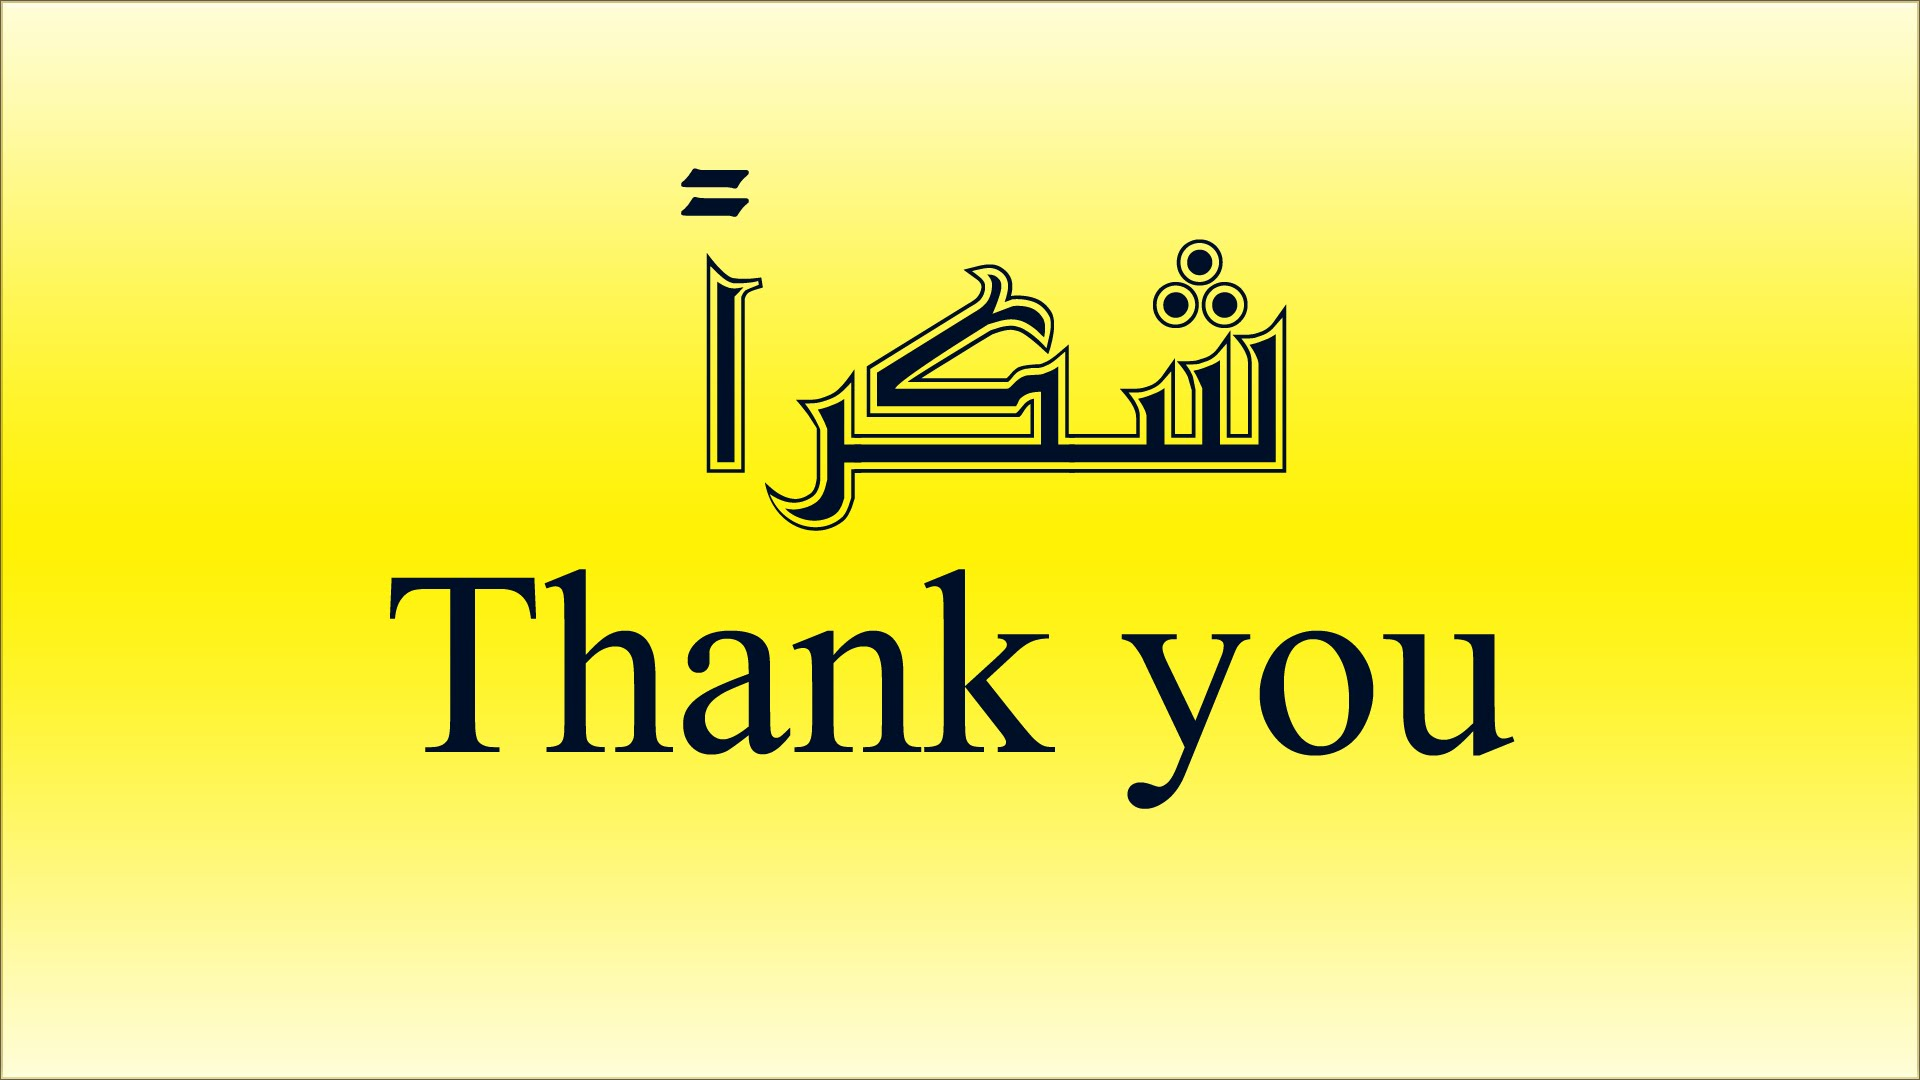 بالصور صور شكر وتقدير , طرق تستحوذ اعجاب الكثير في الشكر 603 3